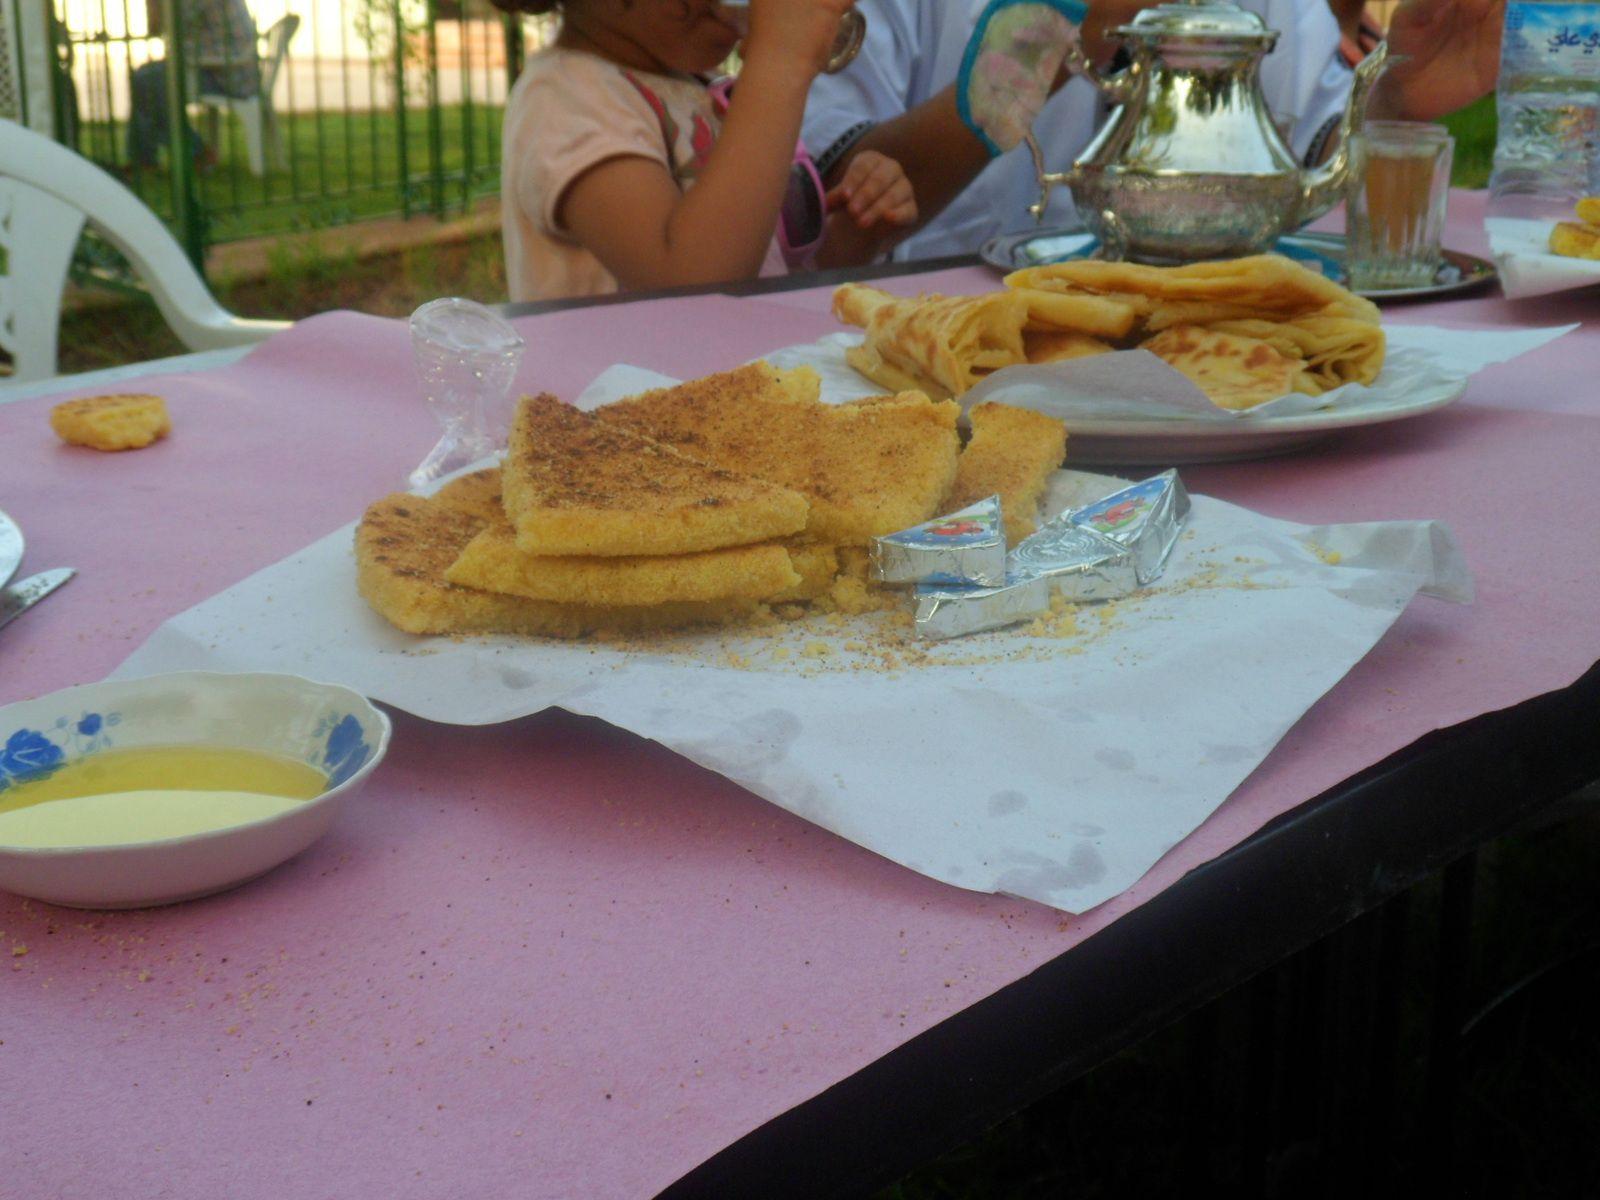 Pour le goûter : du thé vert à la menthe, du harcha (galette dense à base de semoule fine de blé), des msemems (crêpes feuilletées), de l'huile d'olive.